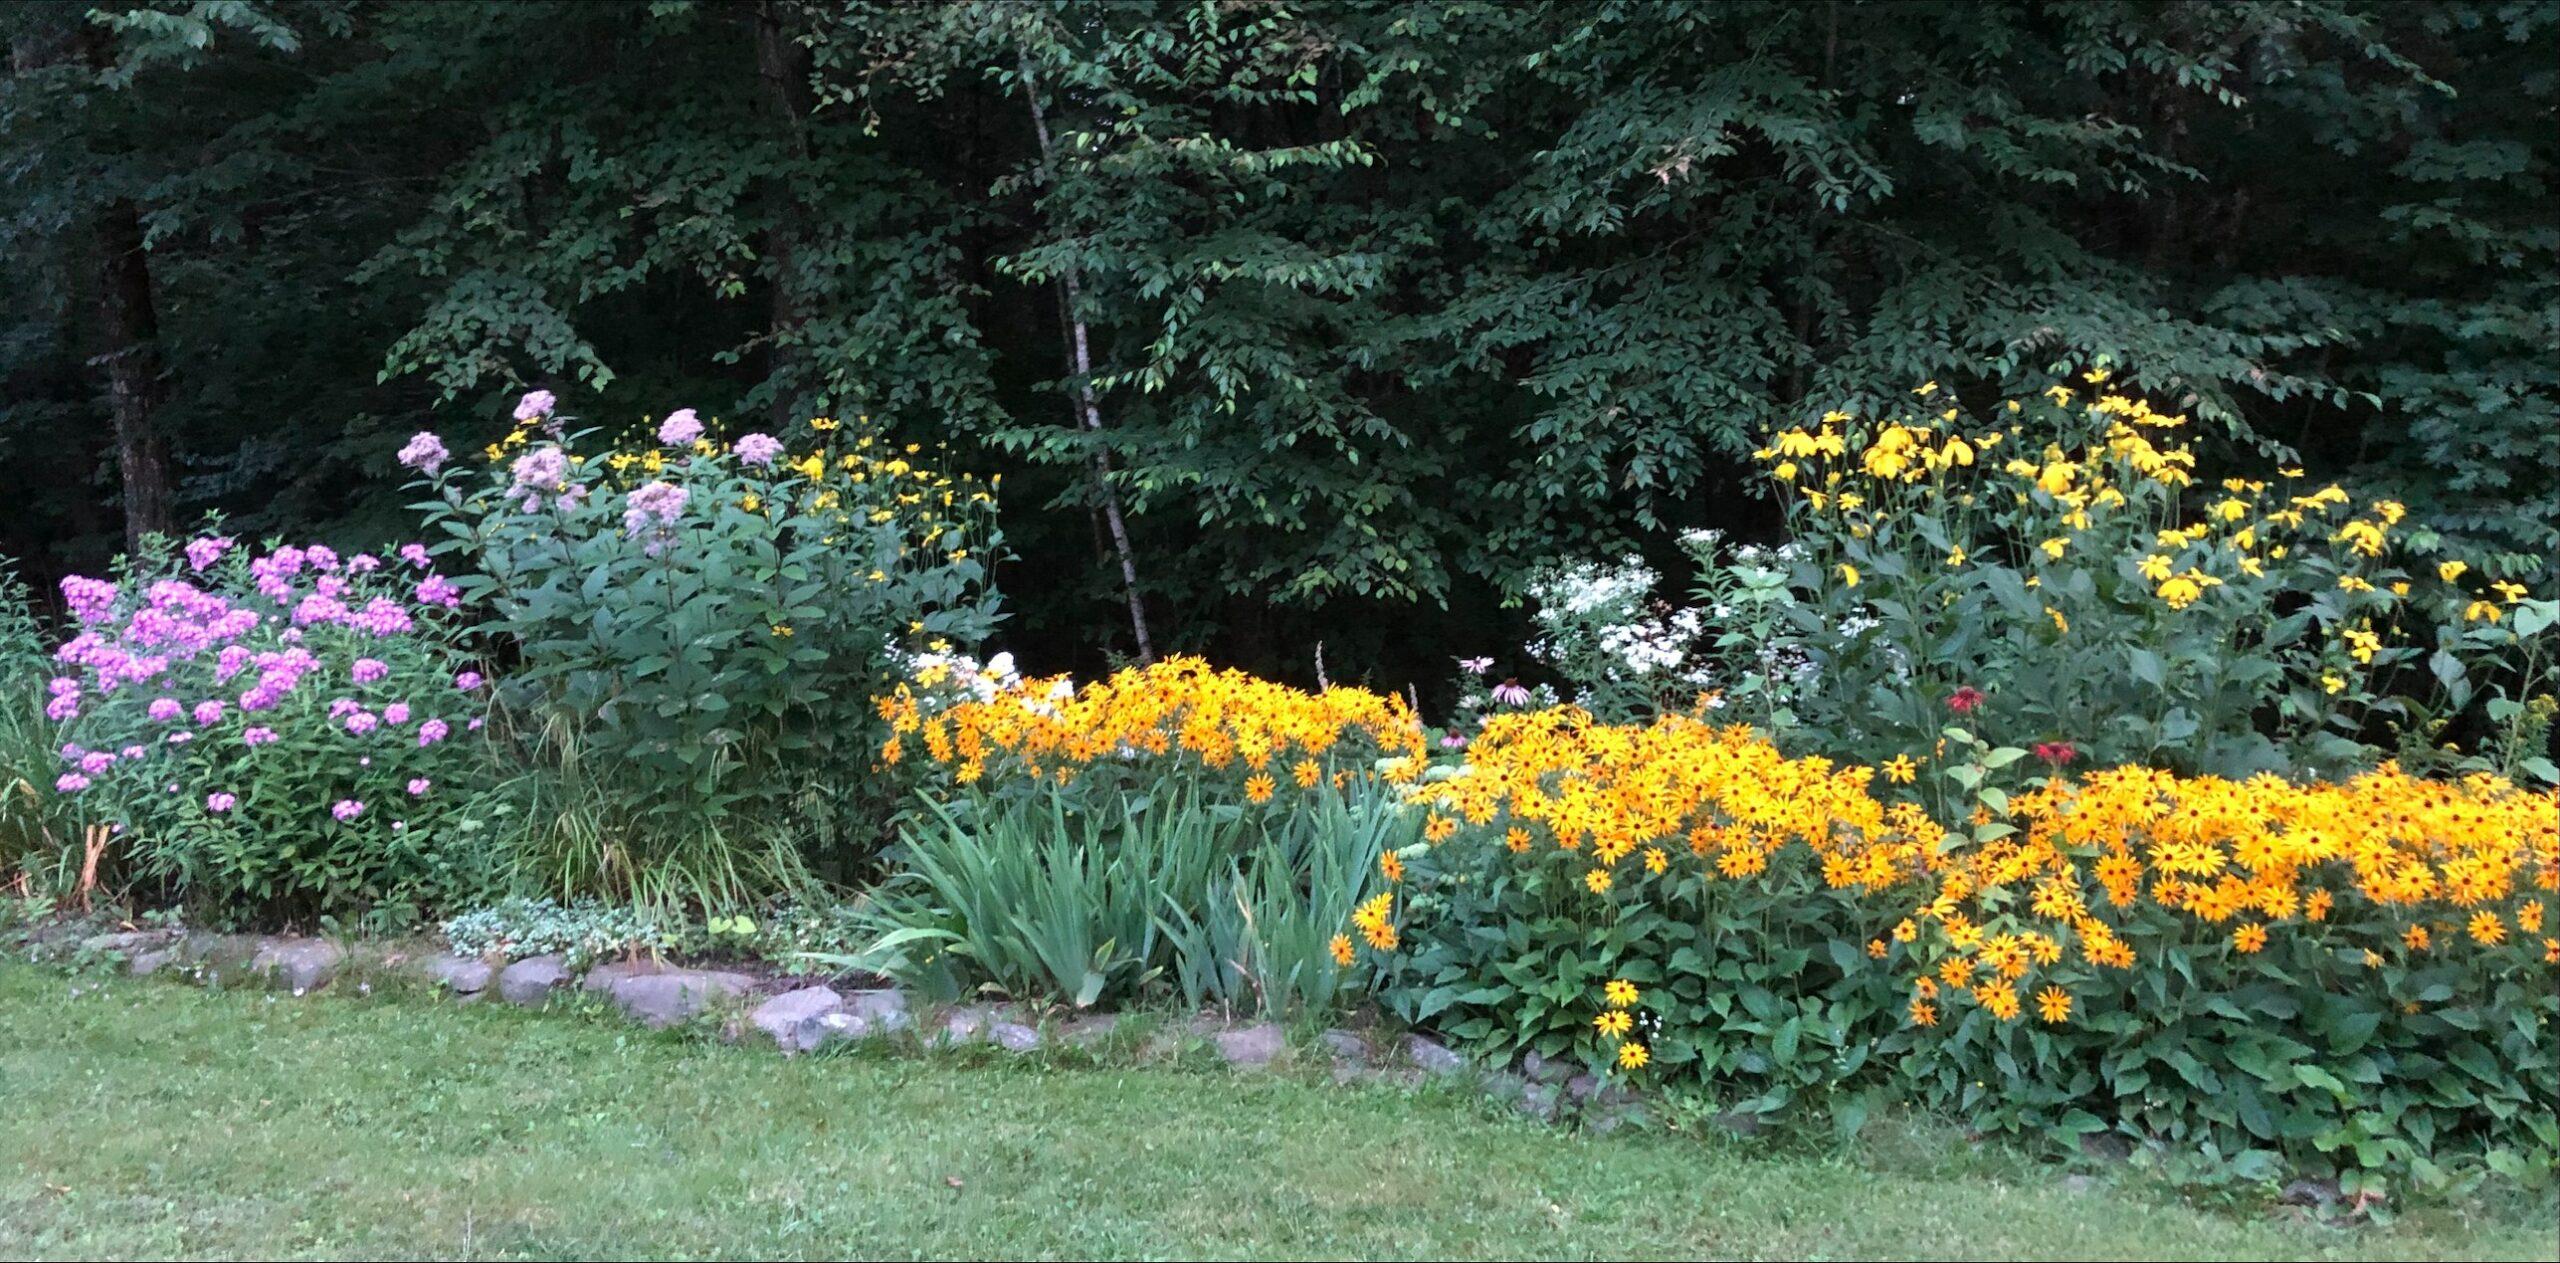 garden bed in full bloom